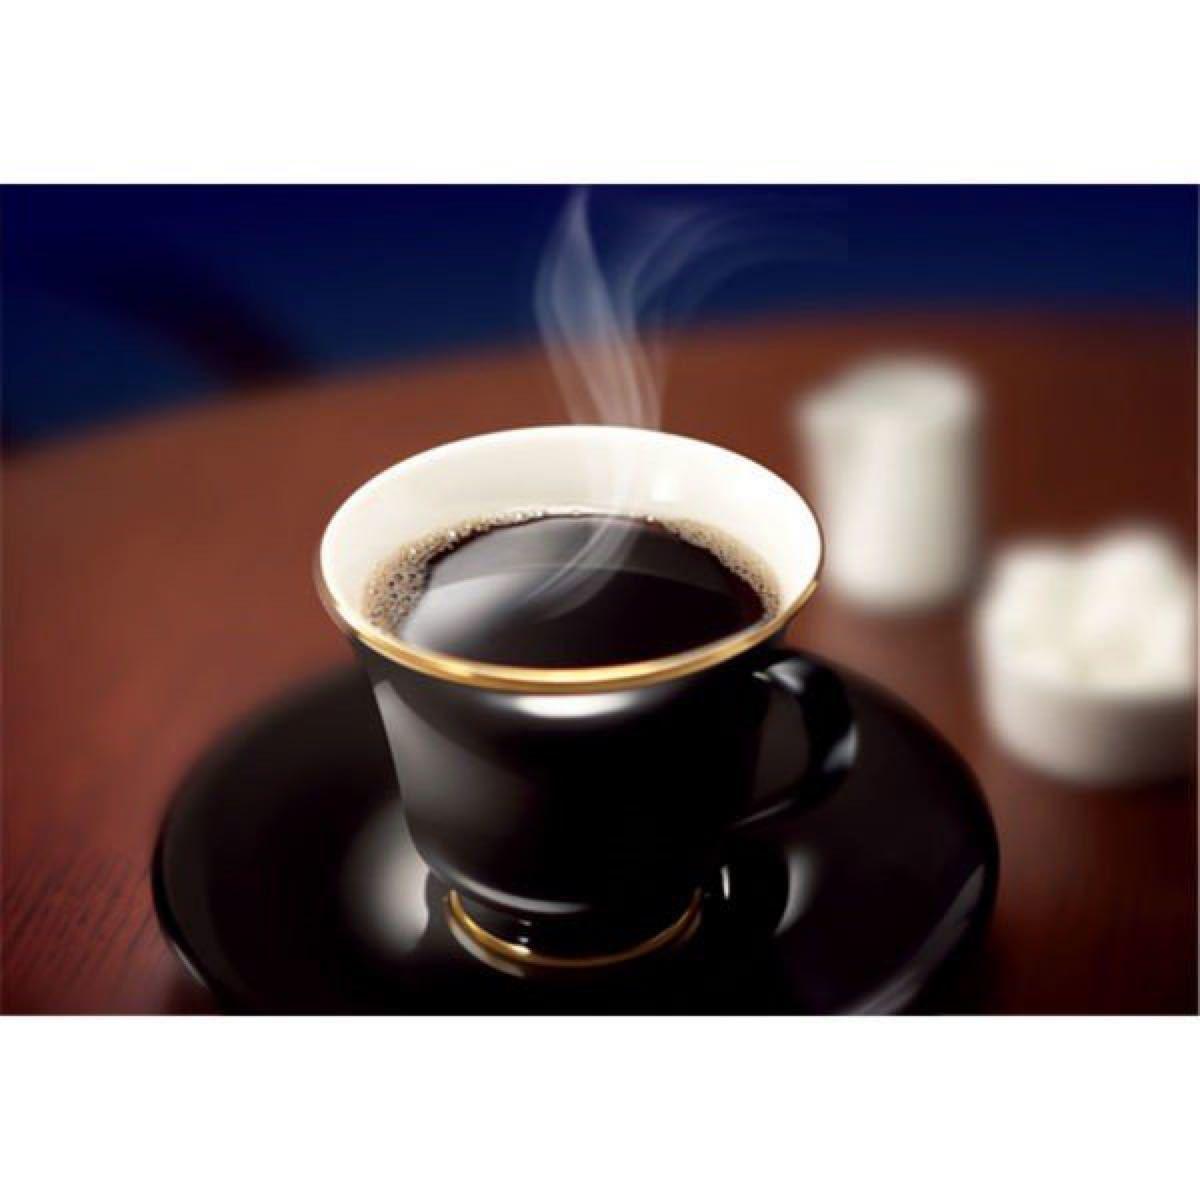 56本 AGF ちょっと贅沢な 珈琲店 コーヒー店 スペシャルブレンド スティック インスタント 珈琲 ホット アイス ブラック